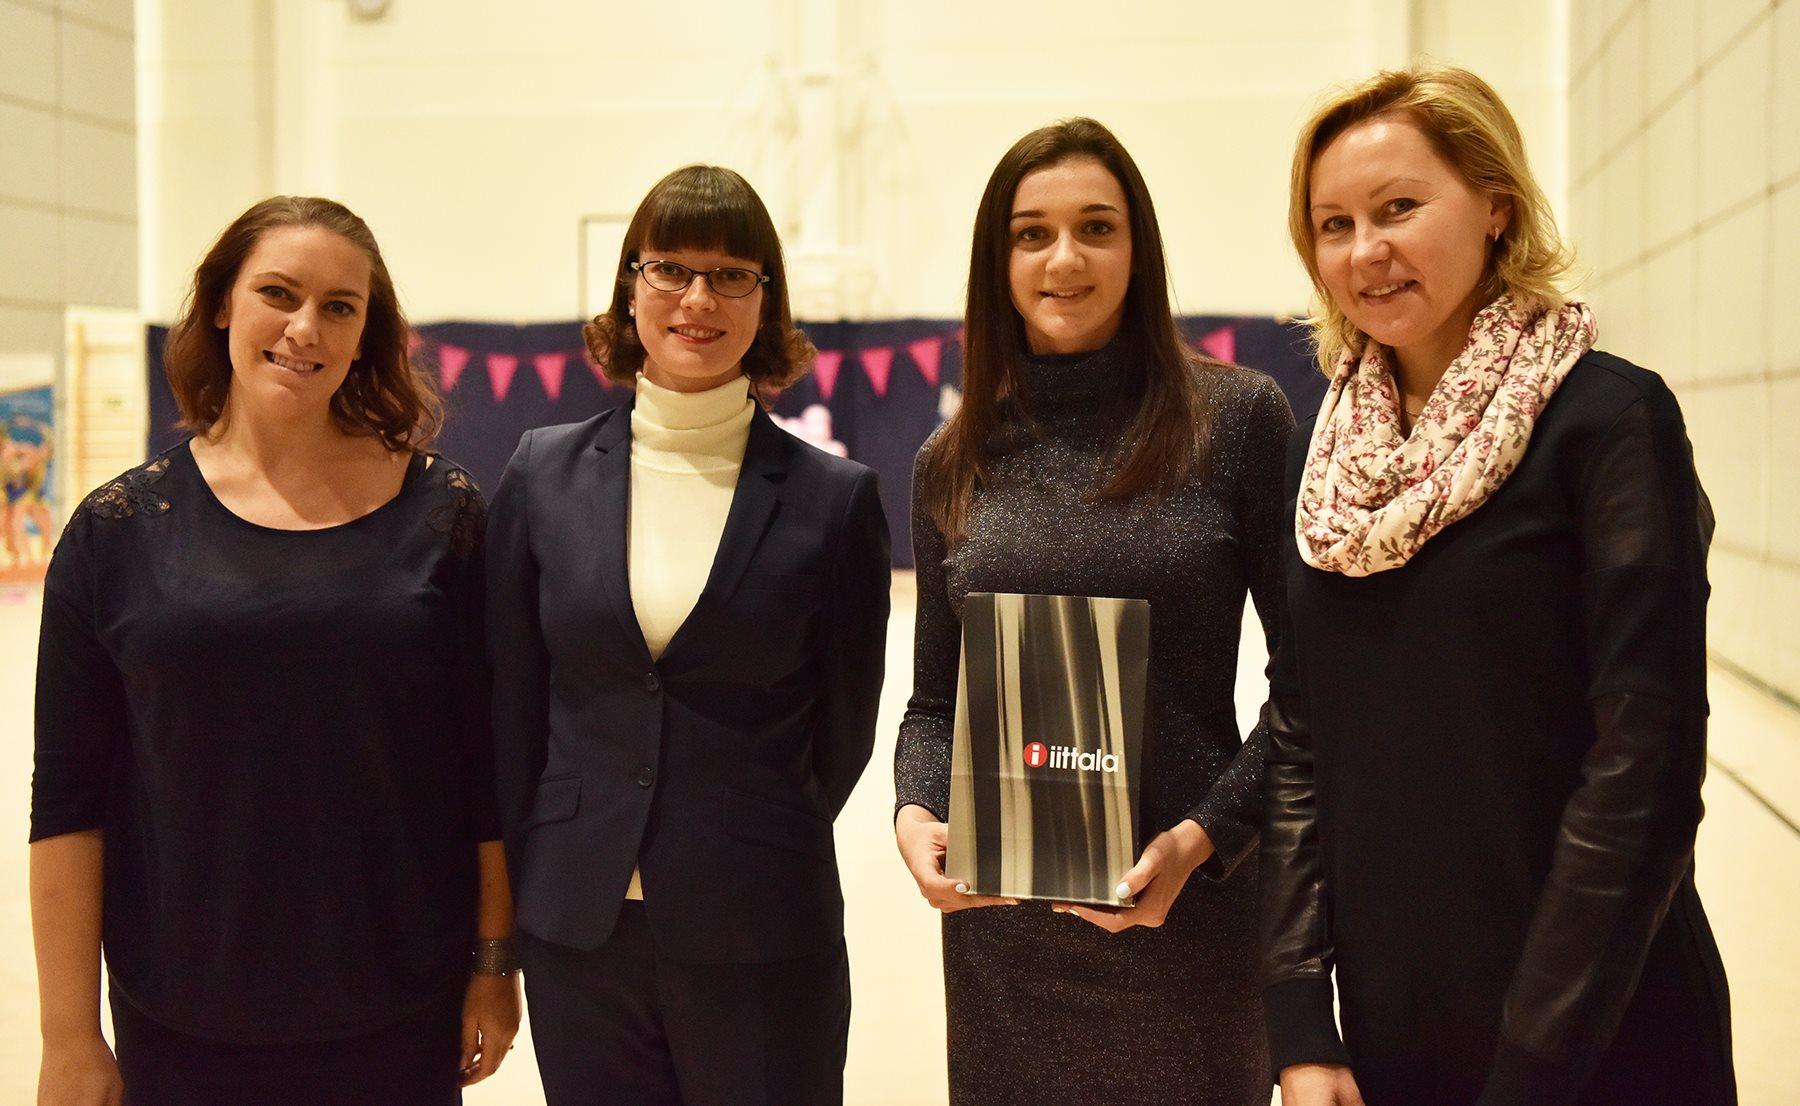 Vasemmalta rytmisen voimistelun tuomarit Alexandra Mavrakis ja Mira Koskinen sekä Katja Volkova ja Larisa Gryadunova. Kuva: Tapio Ahonen